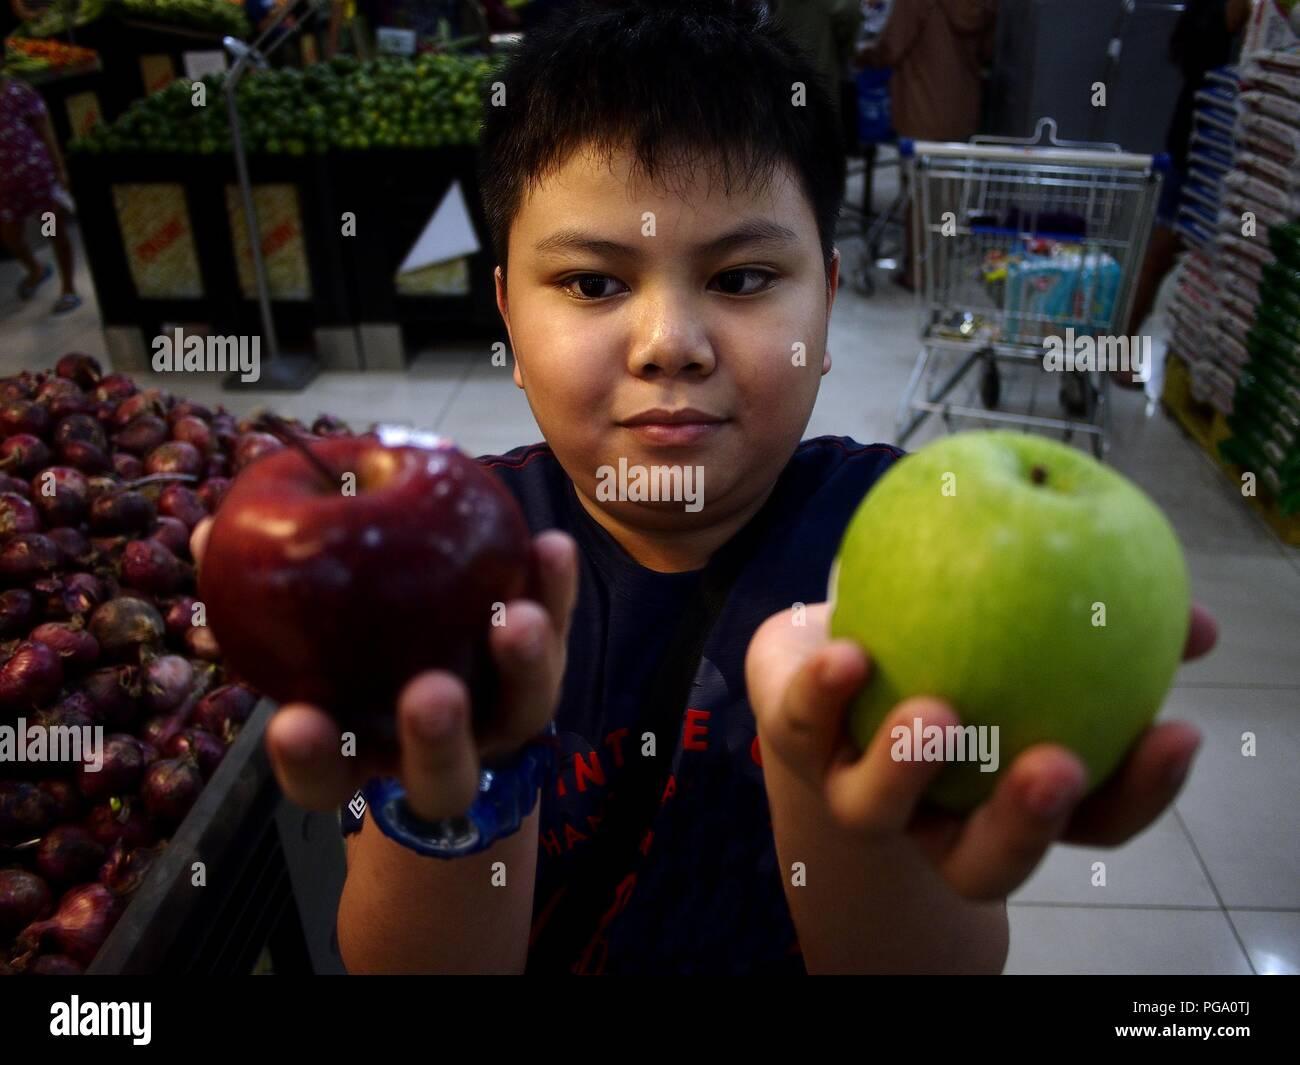 Photo d'un jeune garçon asiatique montre une pomme verte et rouge à l'intérieur d'un supermarché. Photo Stock